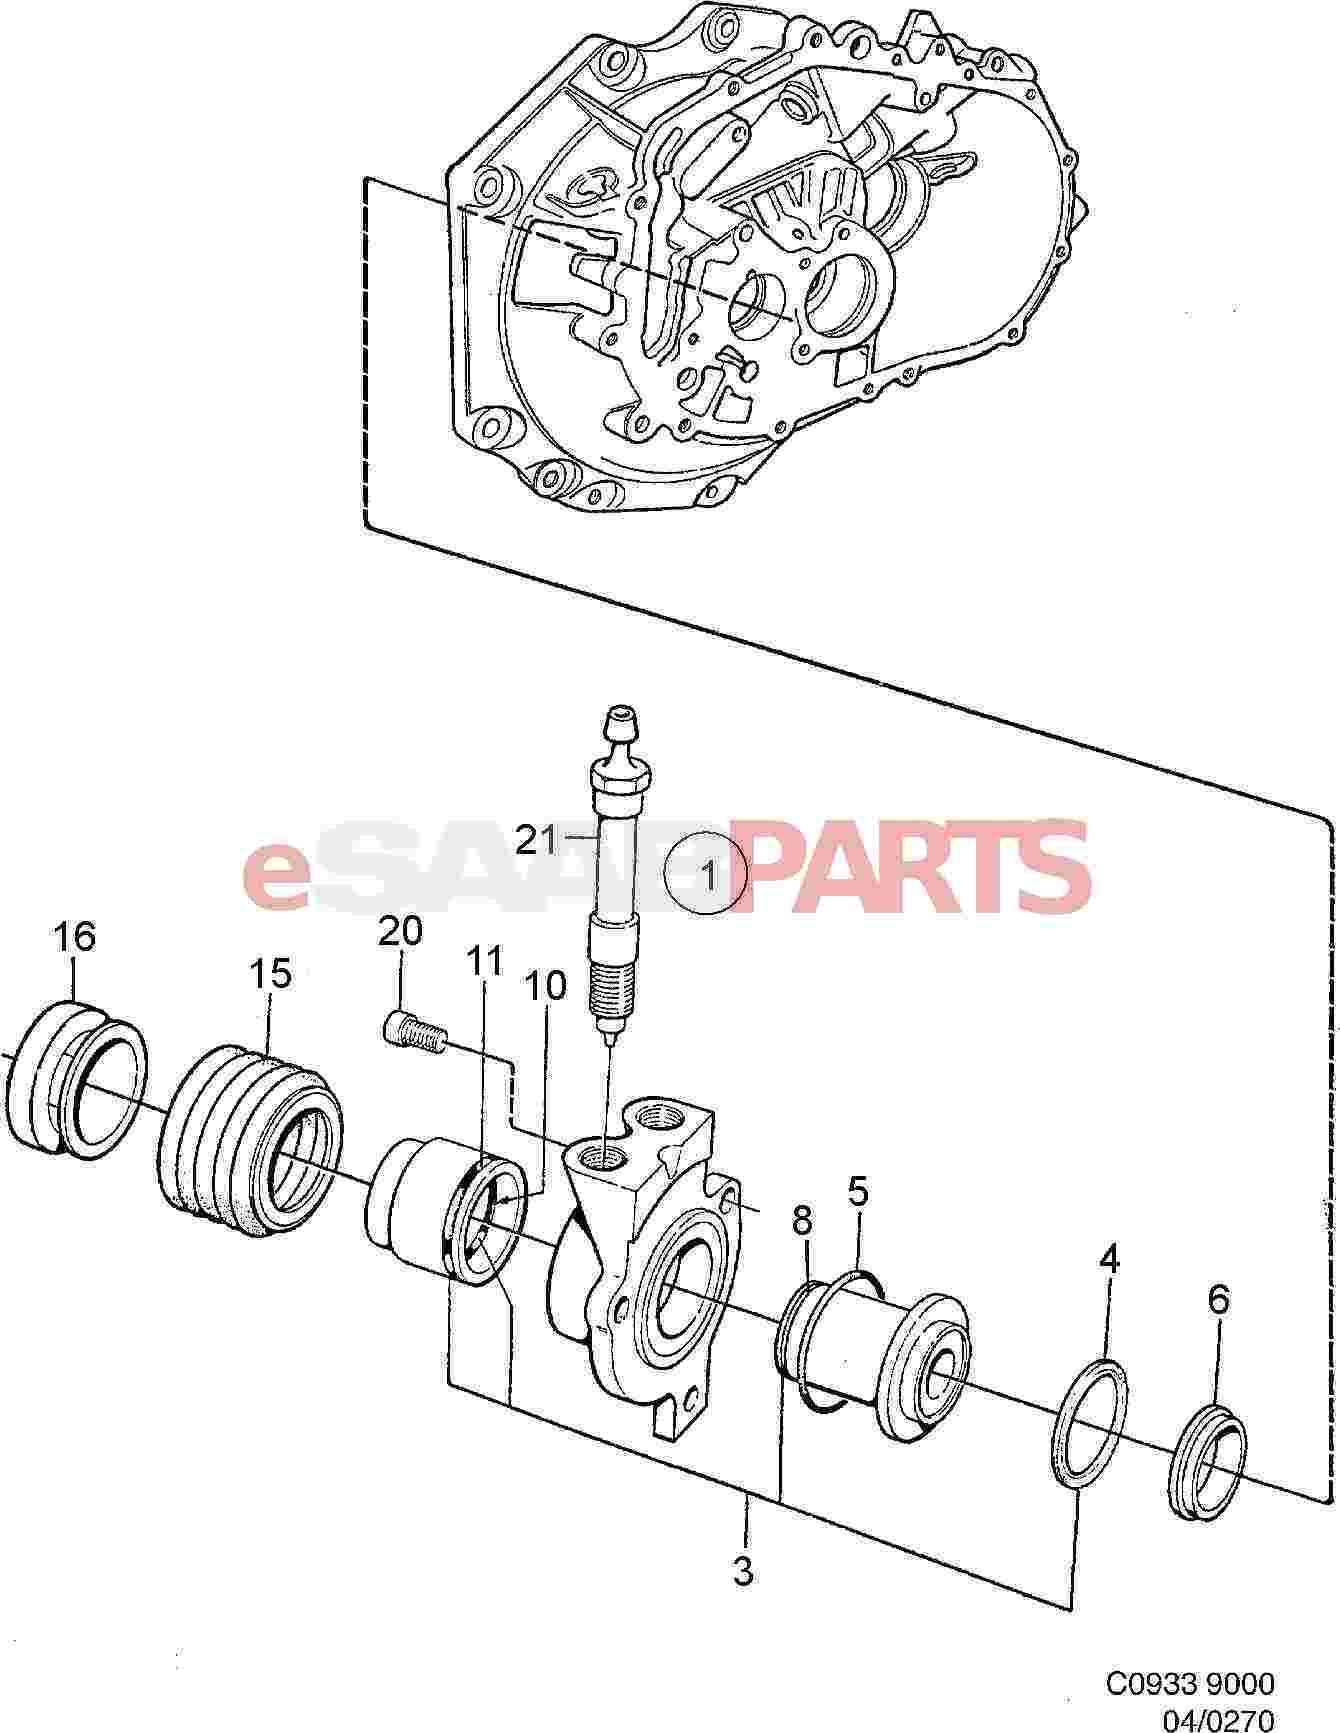 4904561 saab sealing kit genuine saab parts from esaabparts com rh esaabparts com saab 9000 parts list saab 9000 parts list